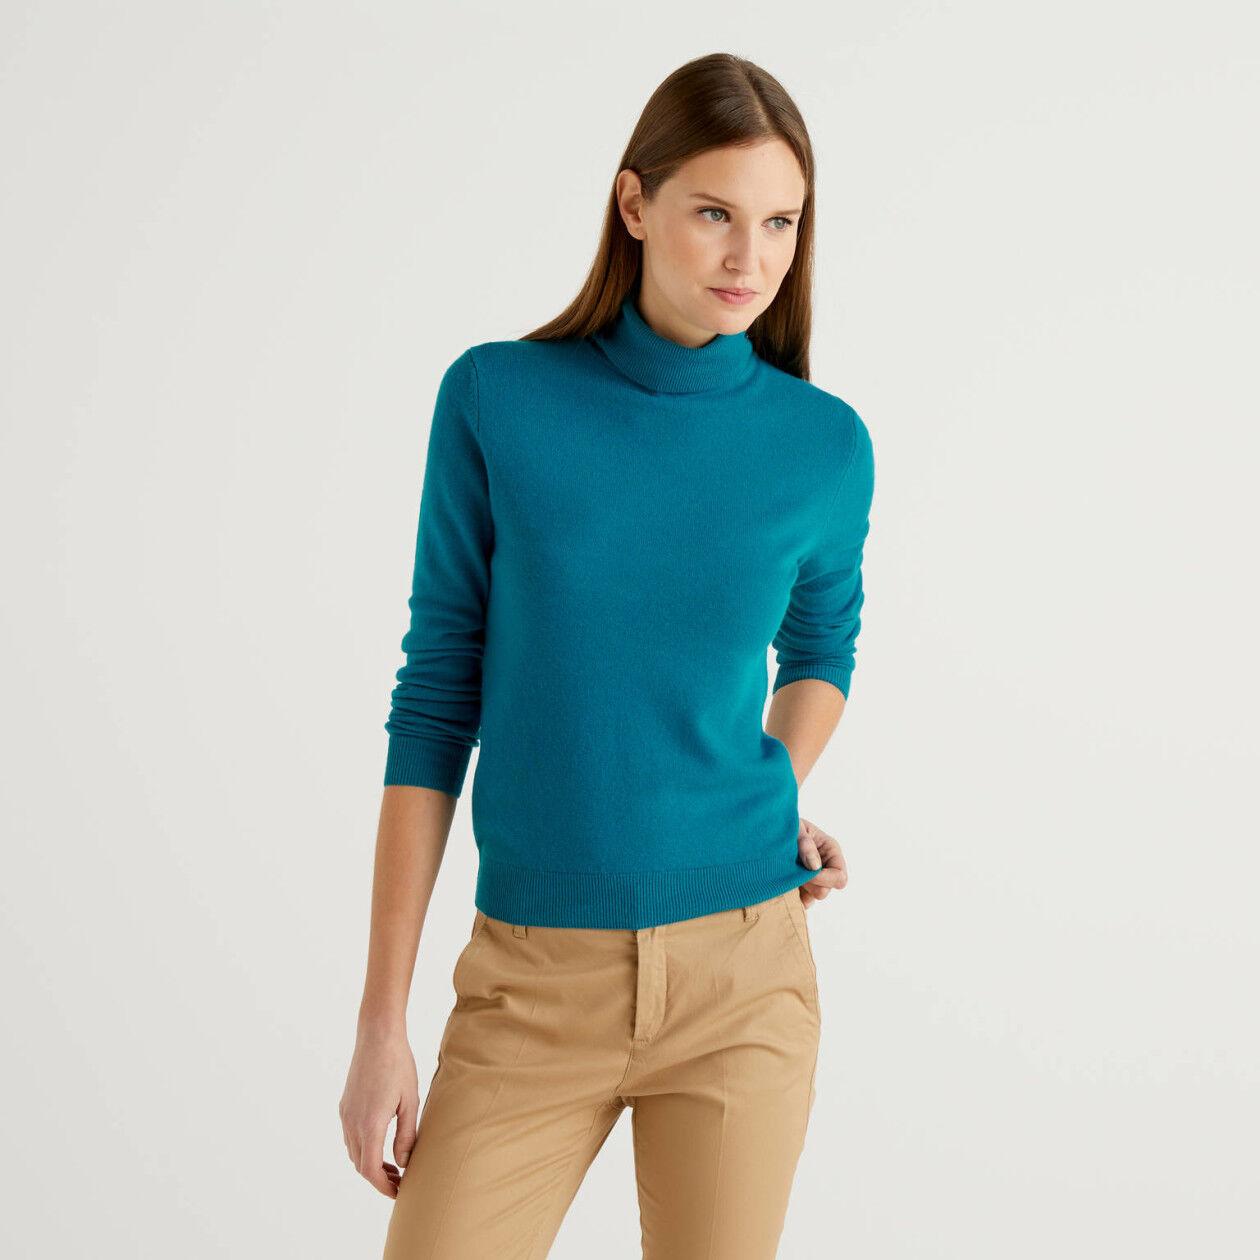 Jersey de cuello cisne color petróleo de pura lana virgen